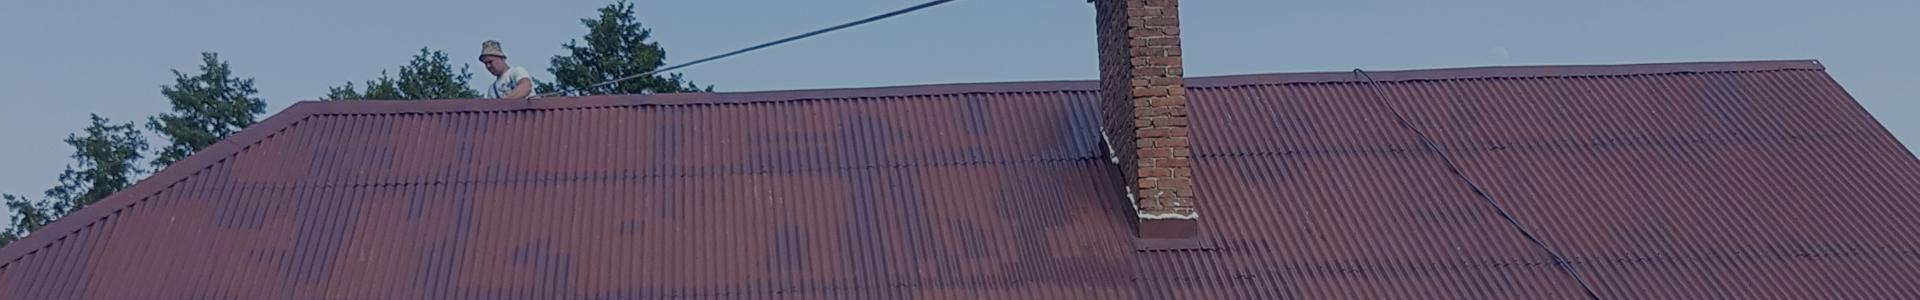 Mężczyzna na dachu